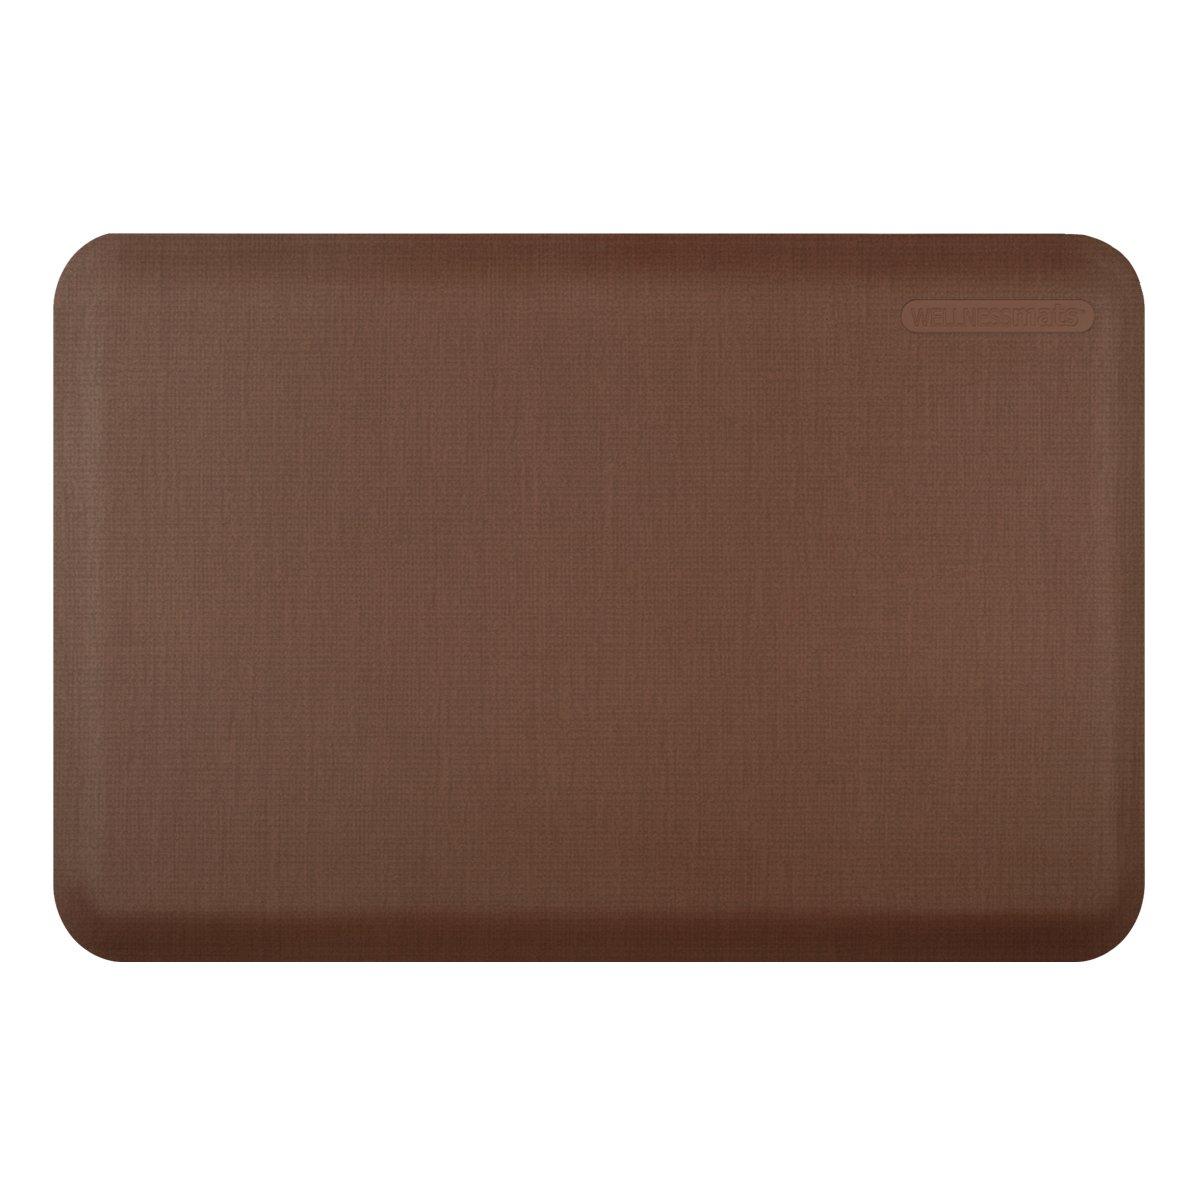 WellnessMats Anti-Fatigue 36 Inch by 24 Inch Linen Motif Kitchen Mat, Brown